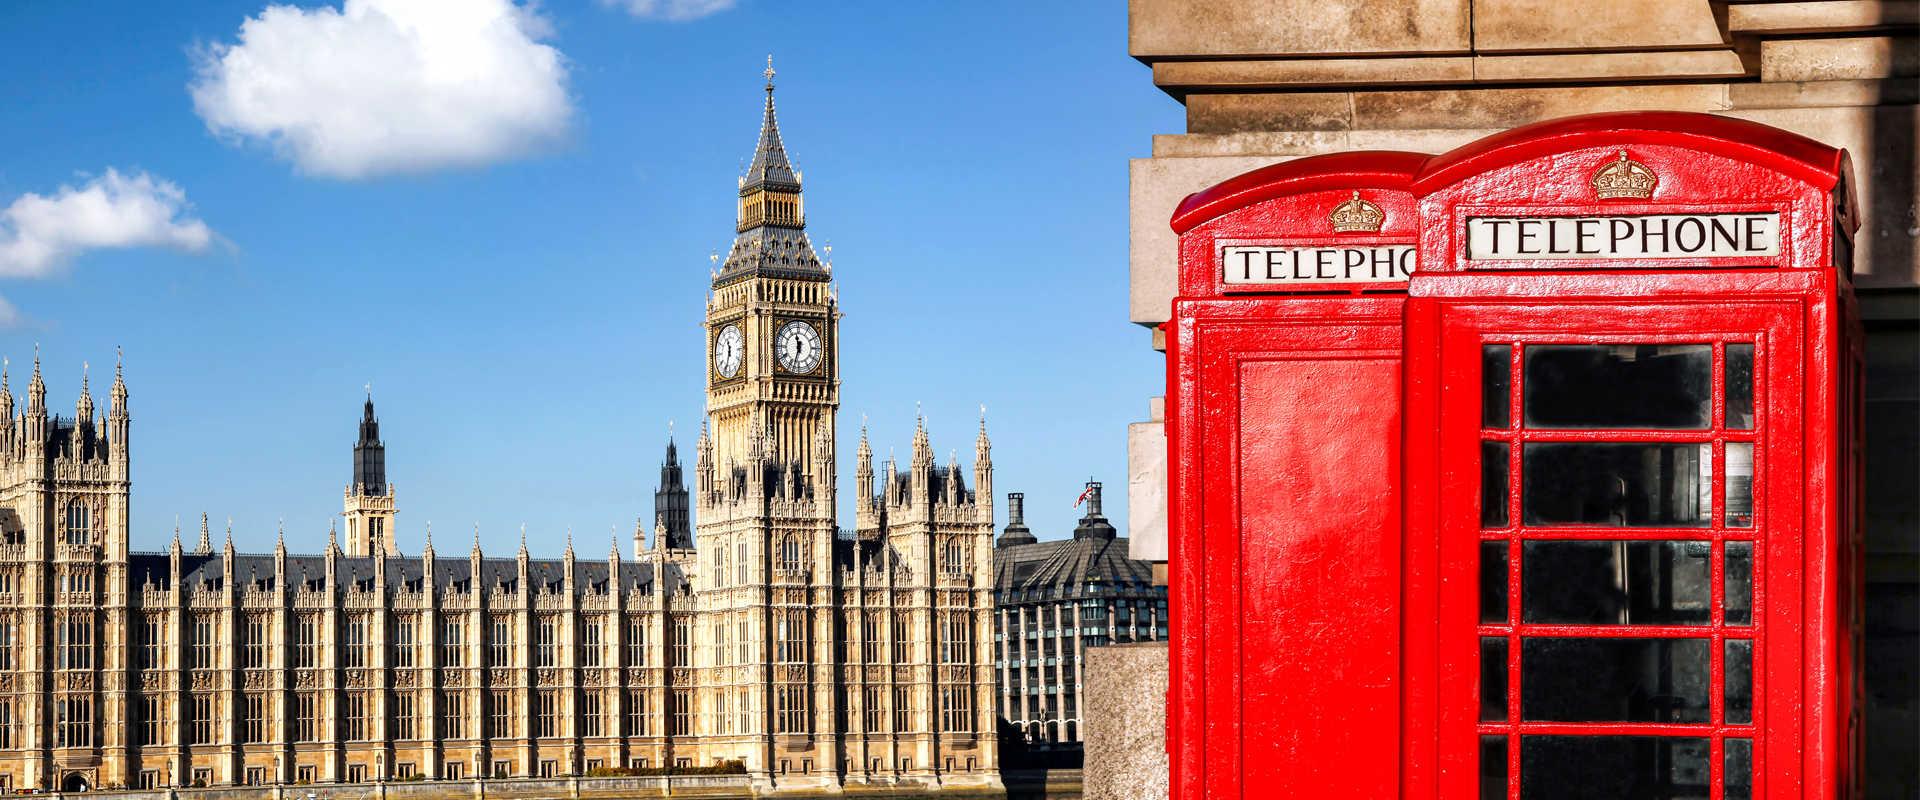 Londres – vue sur le palais de Westminster avec la Tour de l'Horloge Big Ben derrière une cabine téléphonique rouge